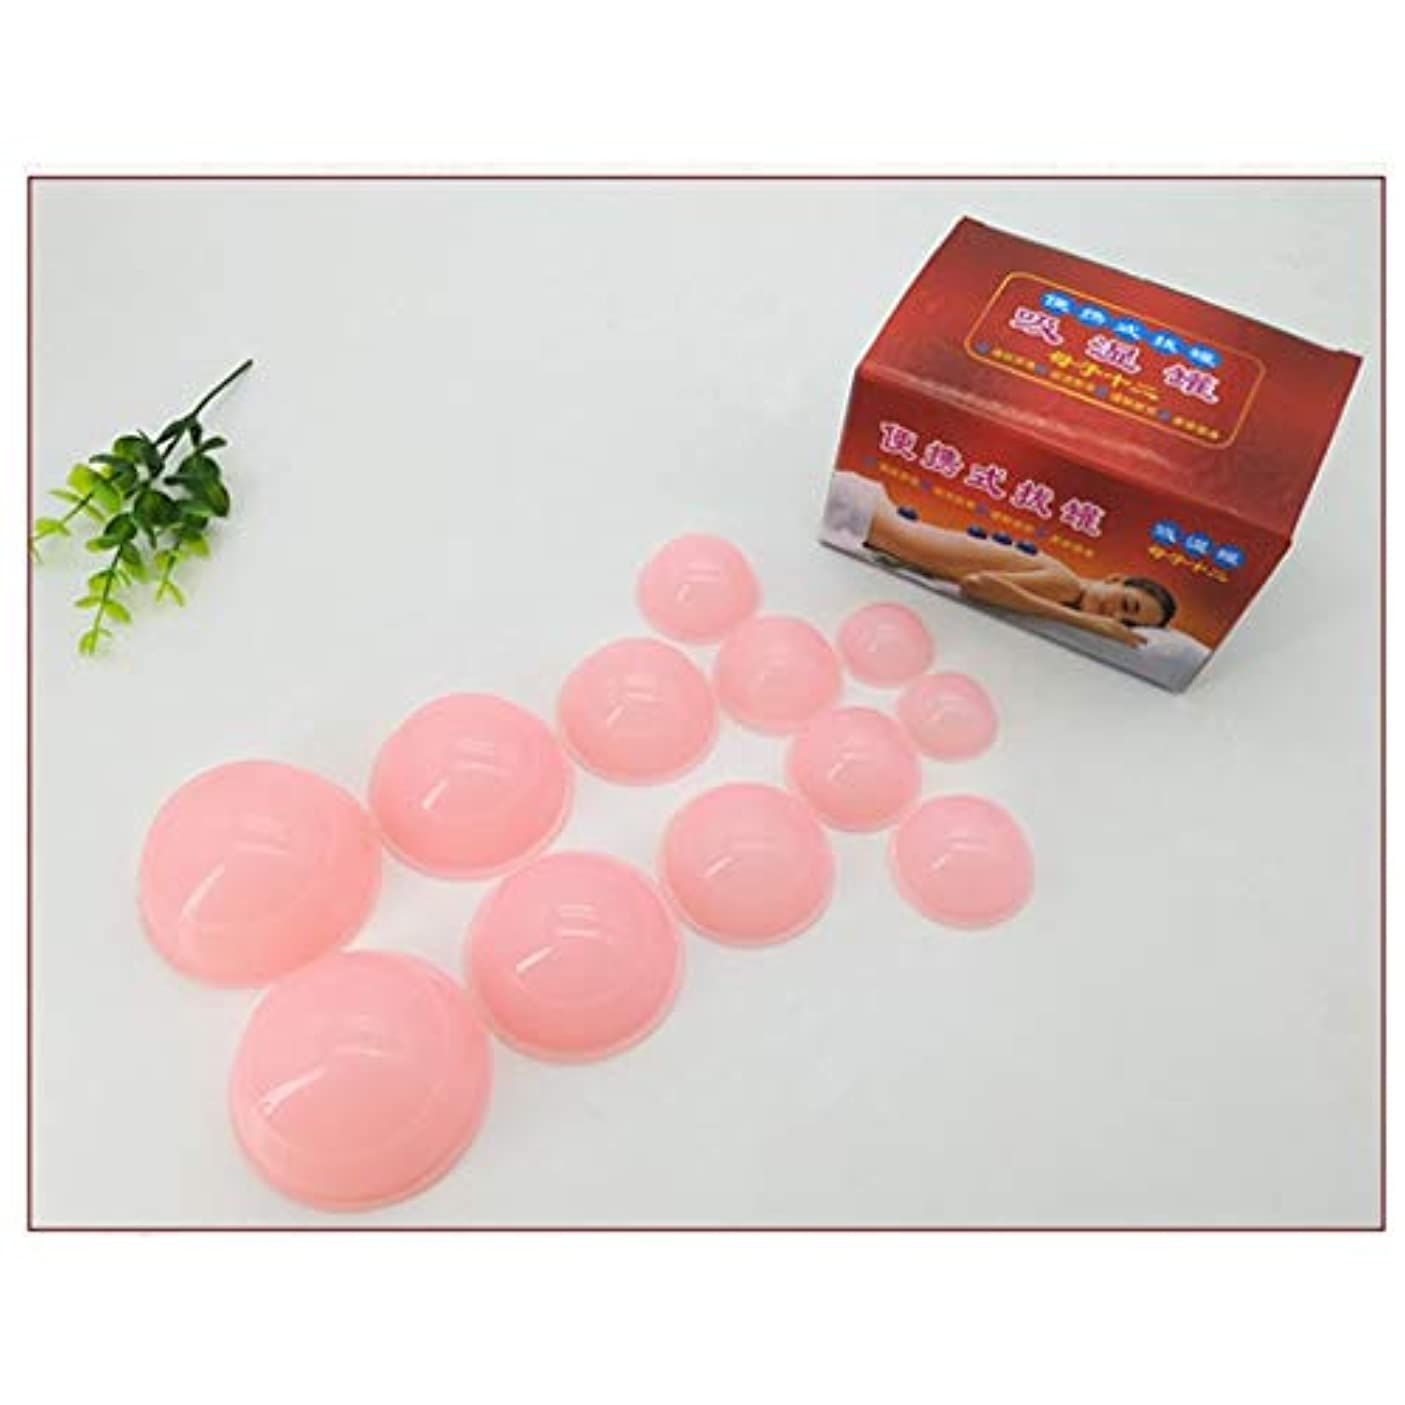 担保みぞれペフアンチセルライトカップ - 真空マッサージキット - シリコーン療法カッピングセット用ボディフェイスホームスパヘルスケア12ピース,Pink